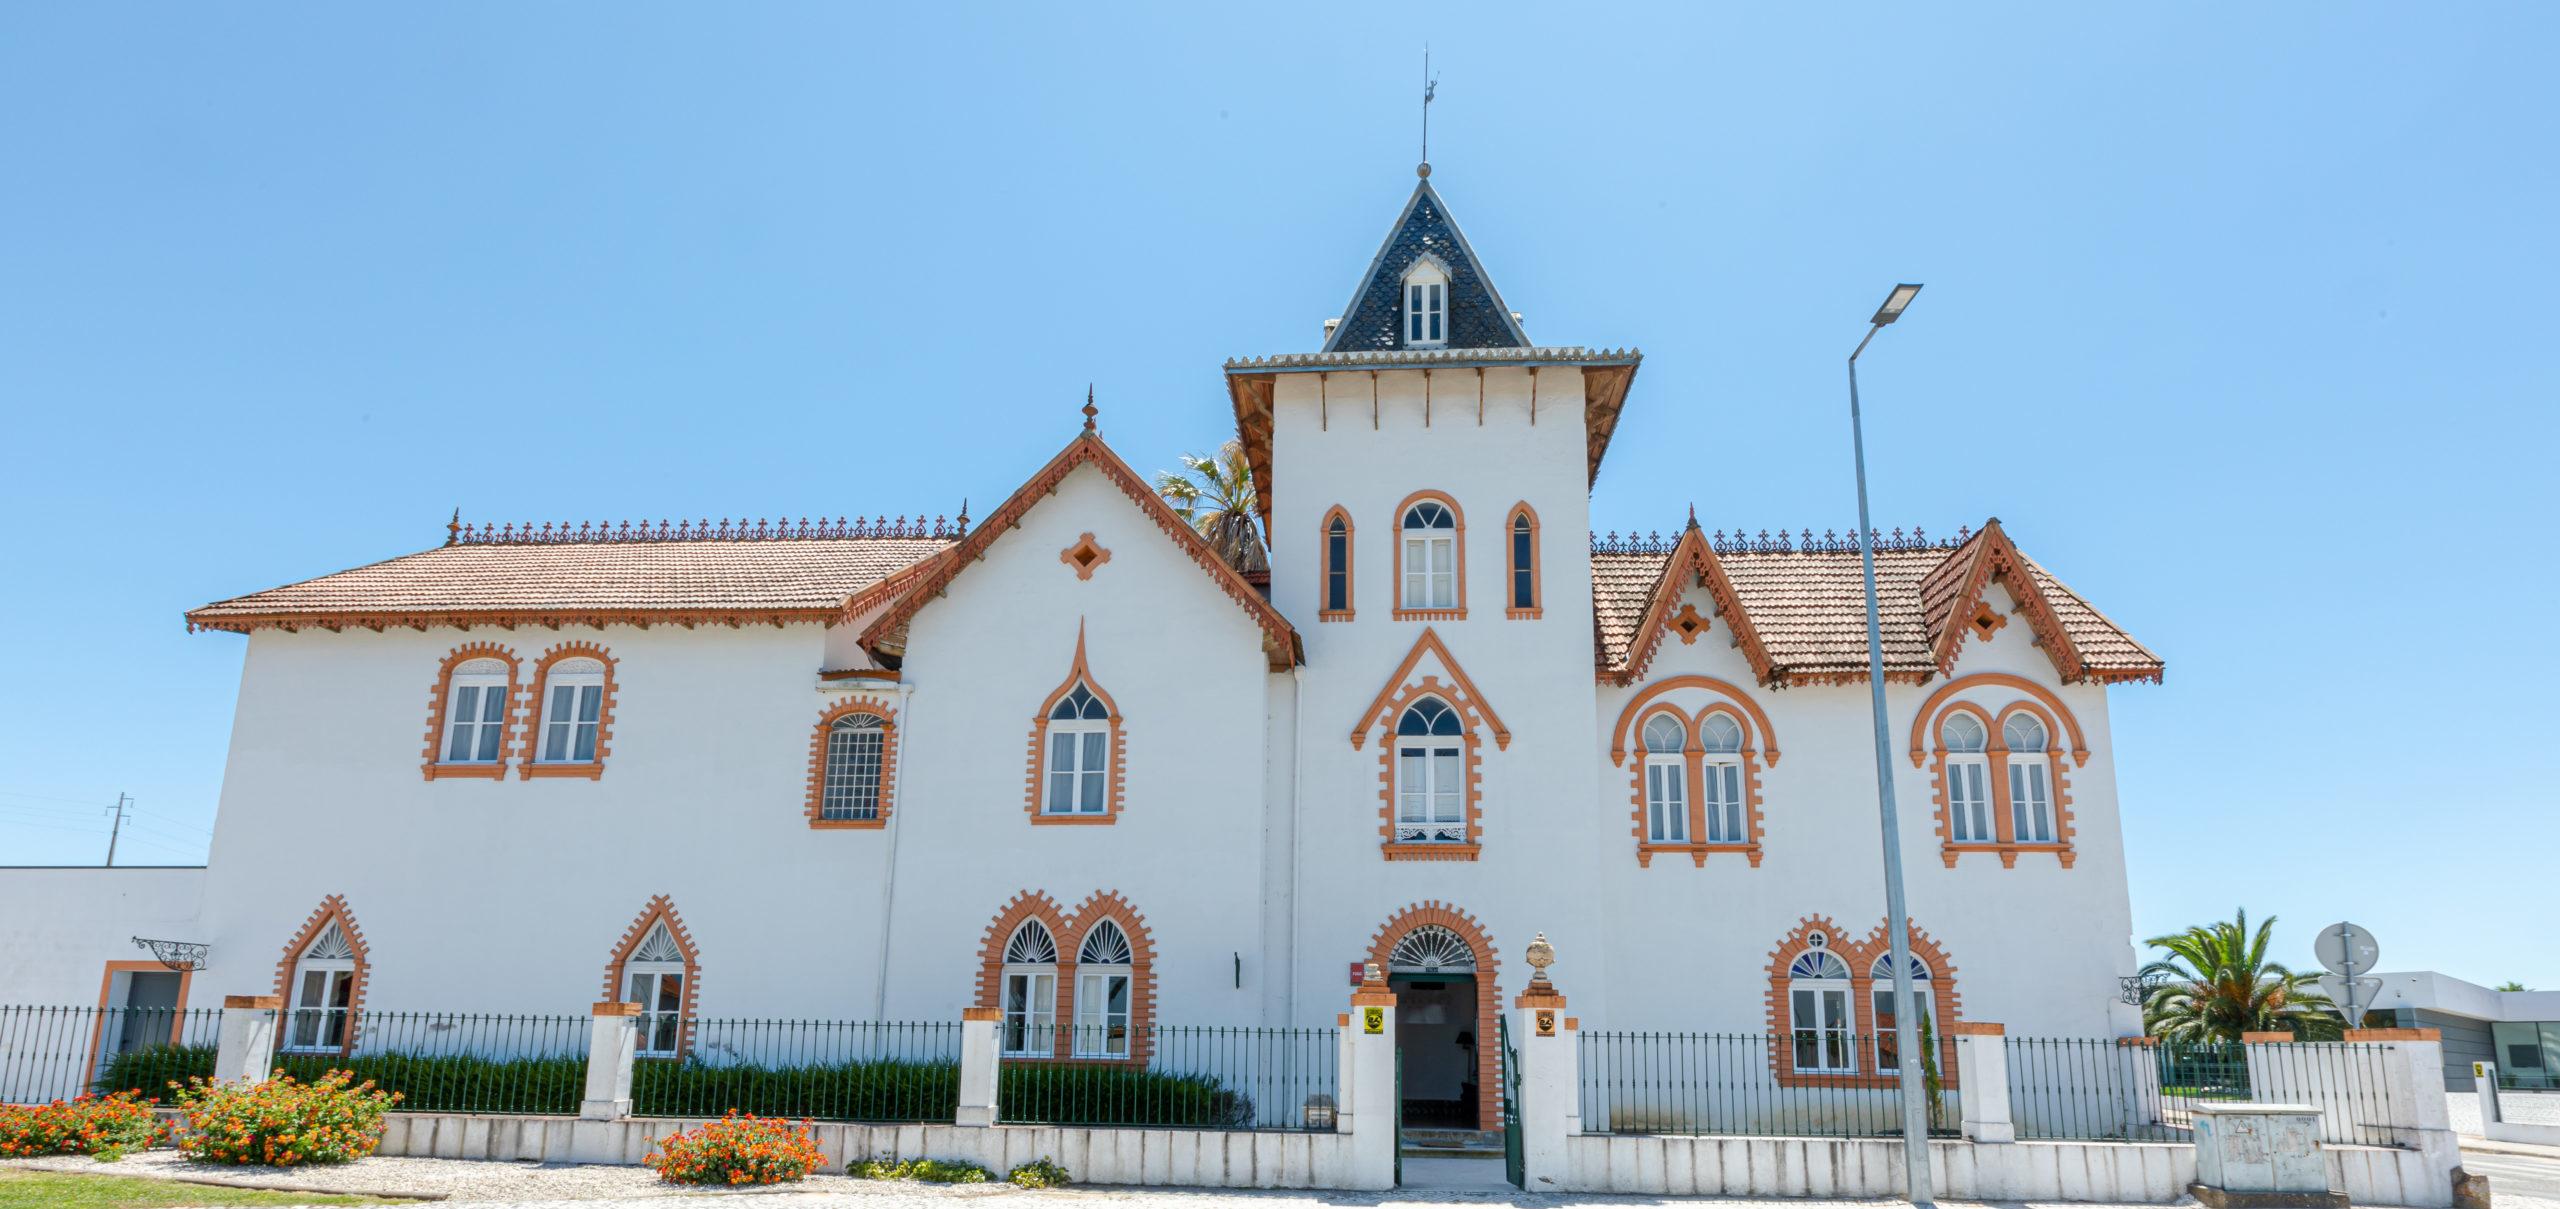 Casa - Exterior (de frente)